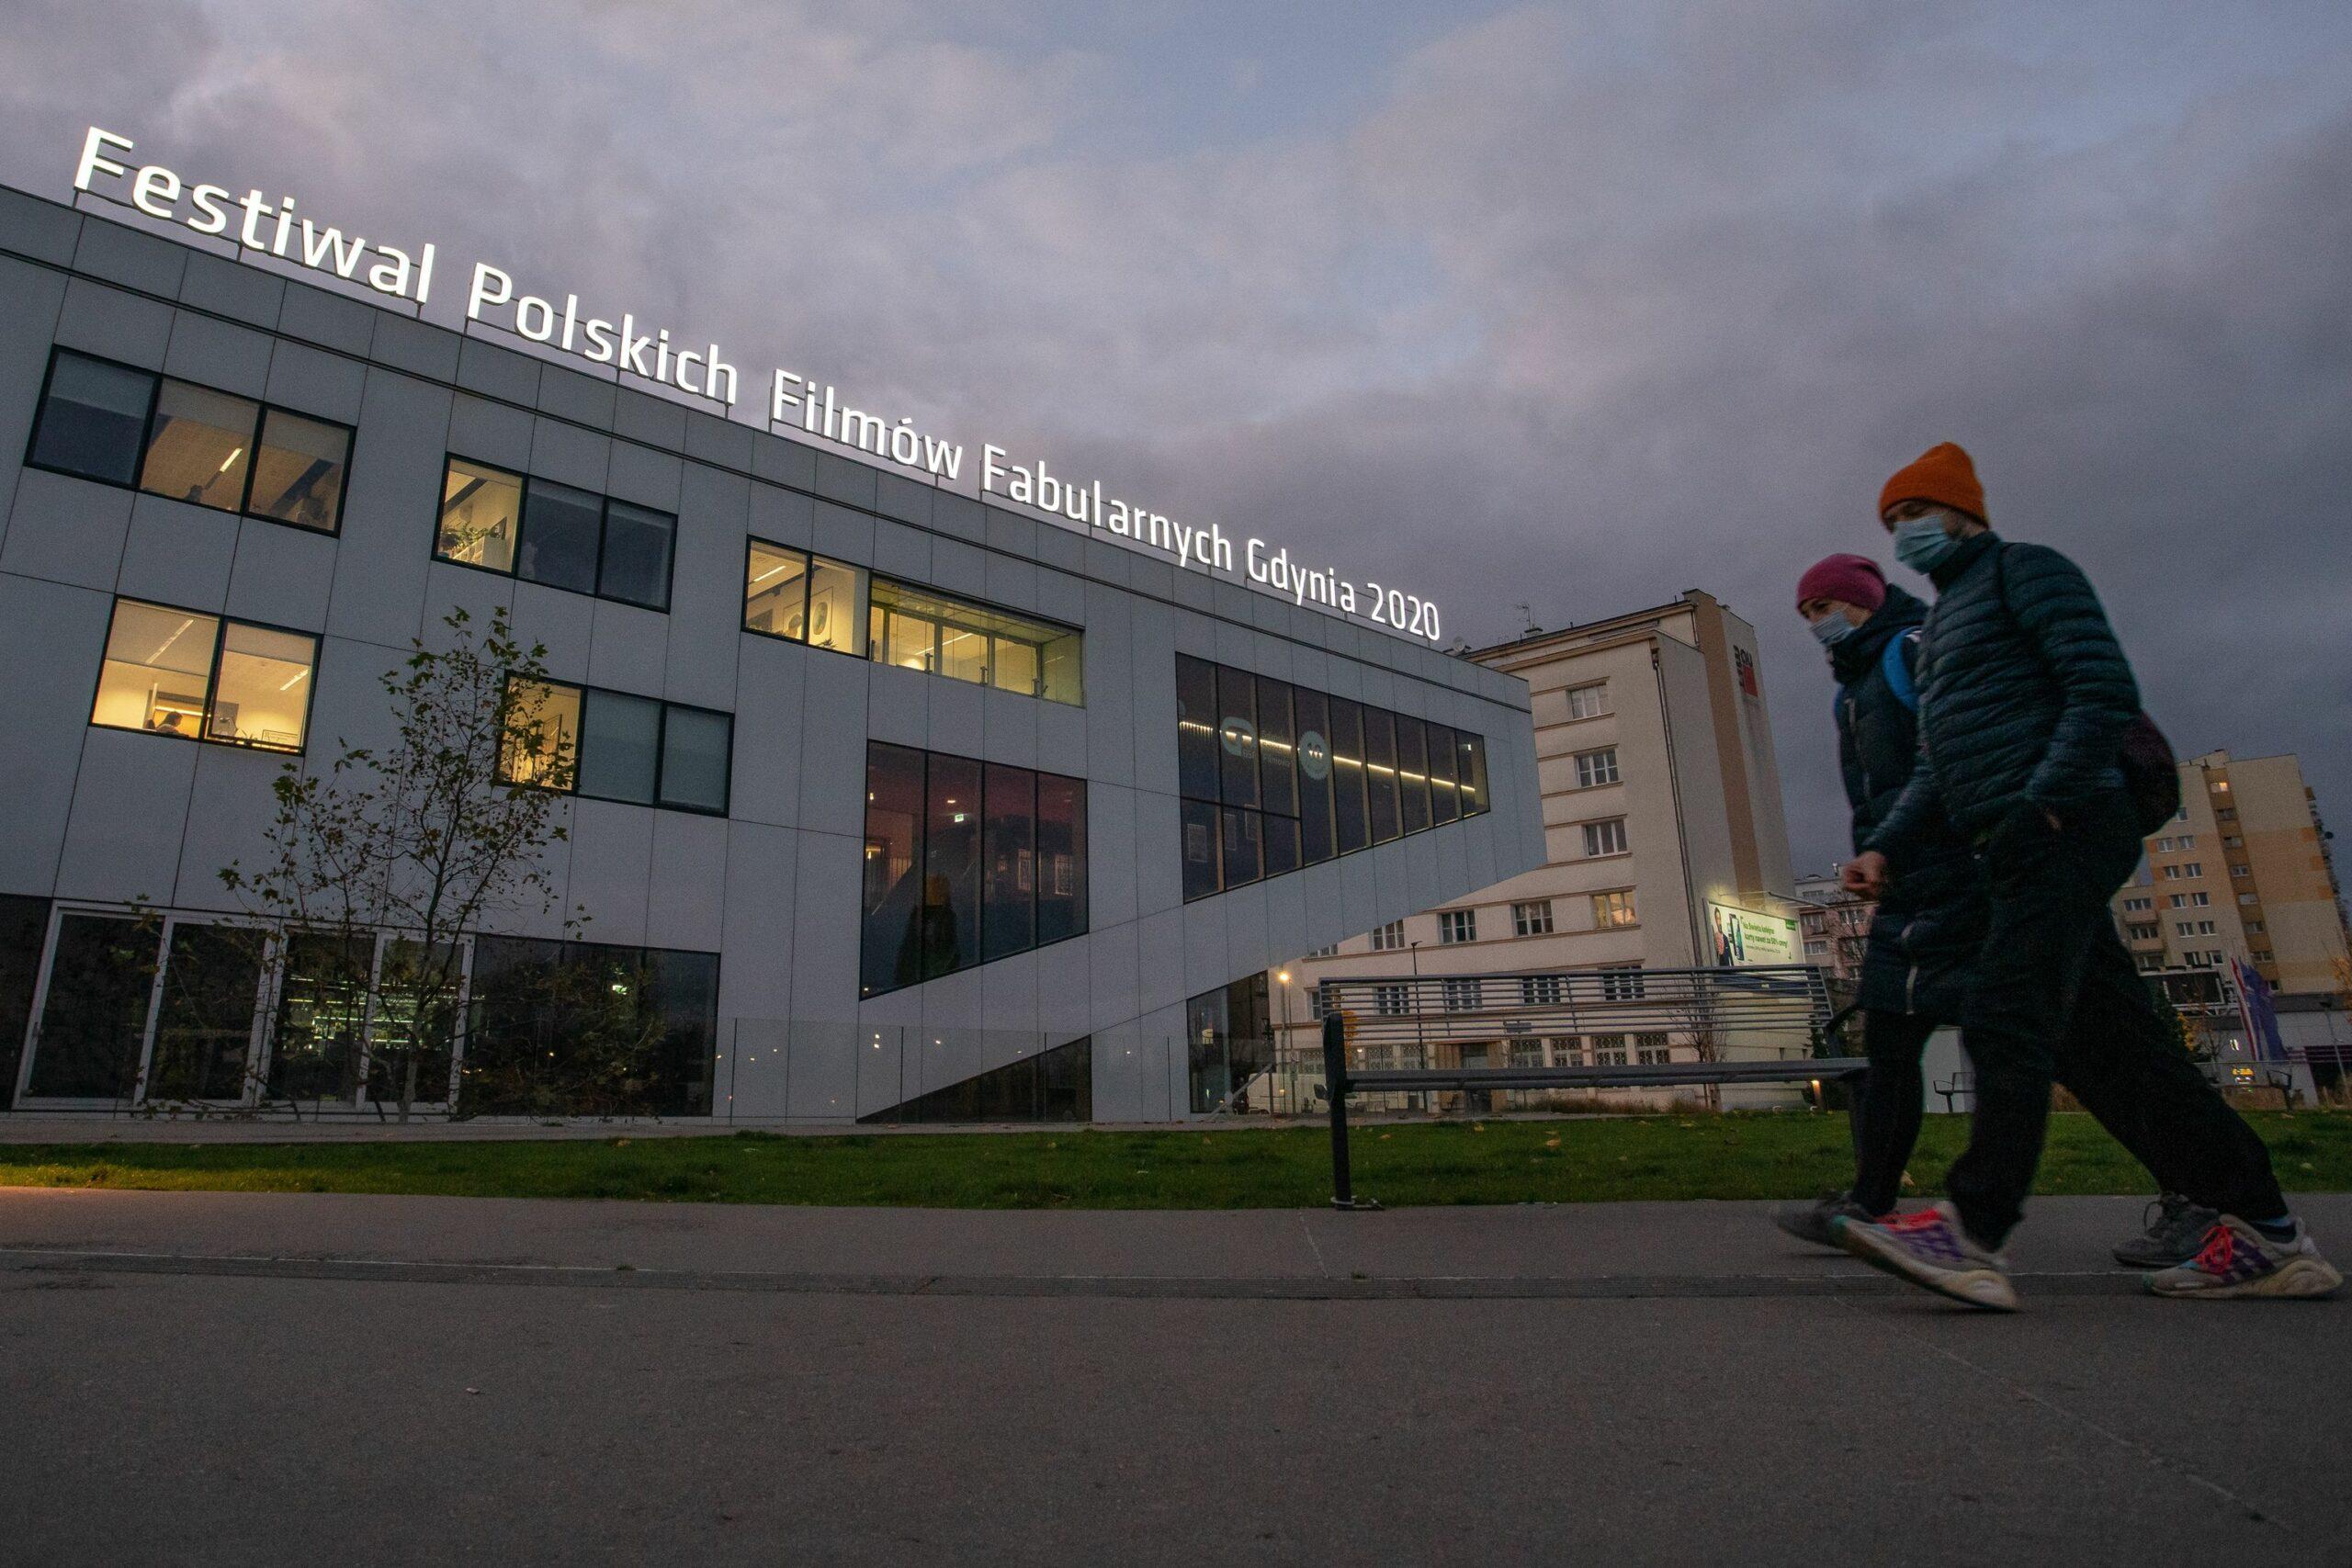 Trwa Festiwal Polskich Filmów Fabularnych w Gdyni. Inny niż wszystkie do tej pory